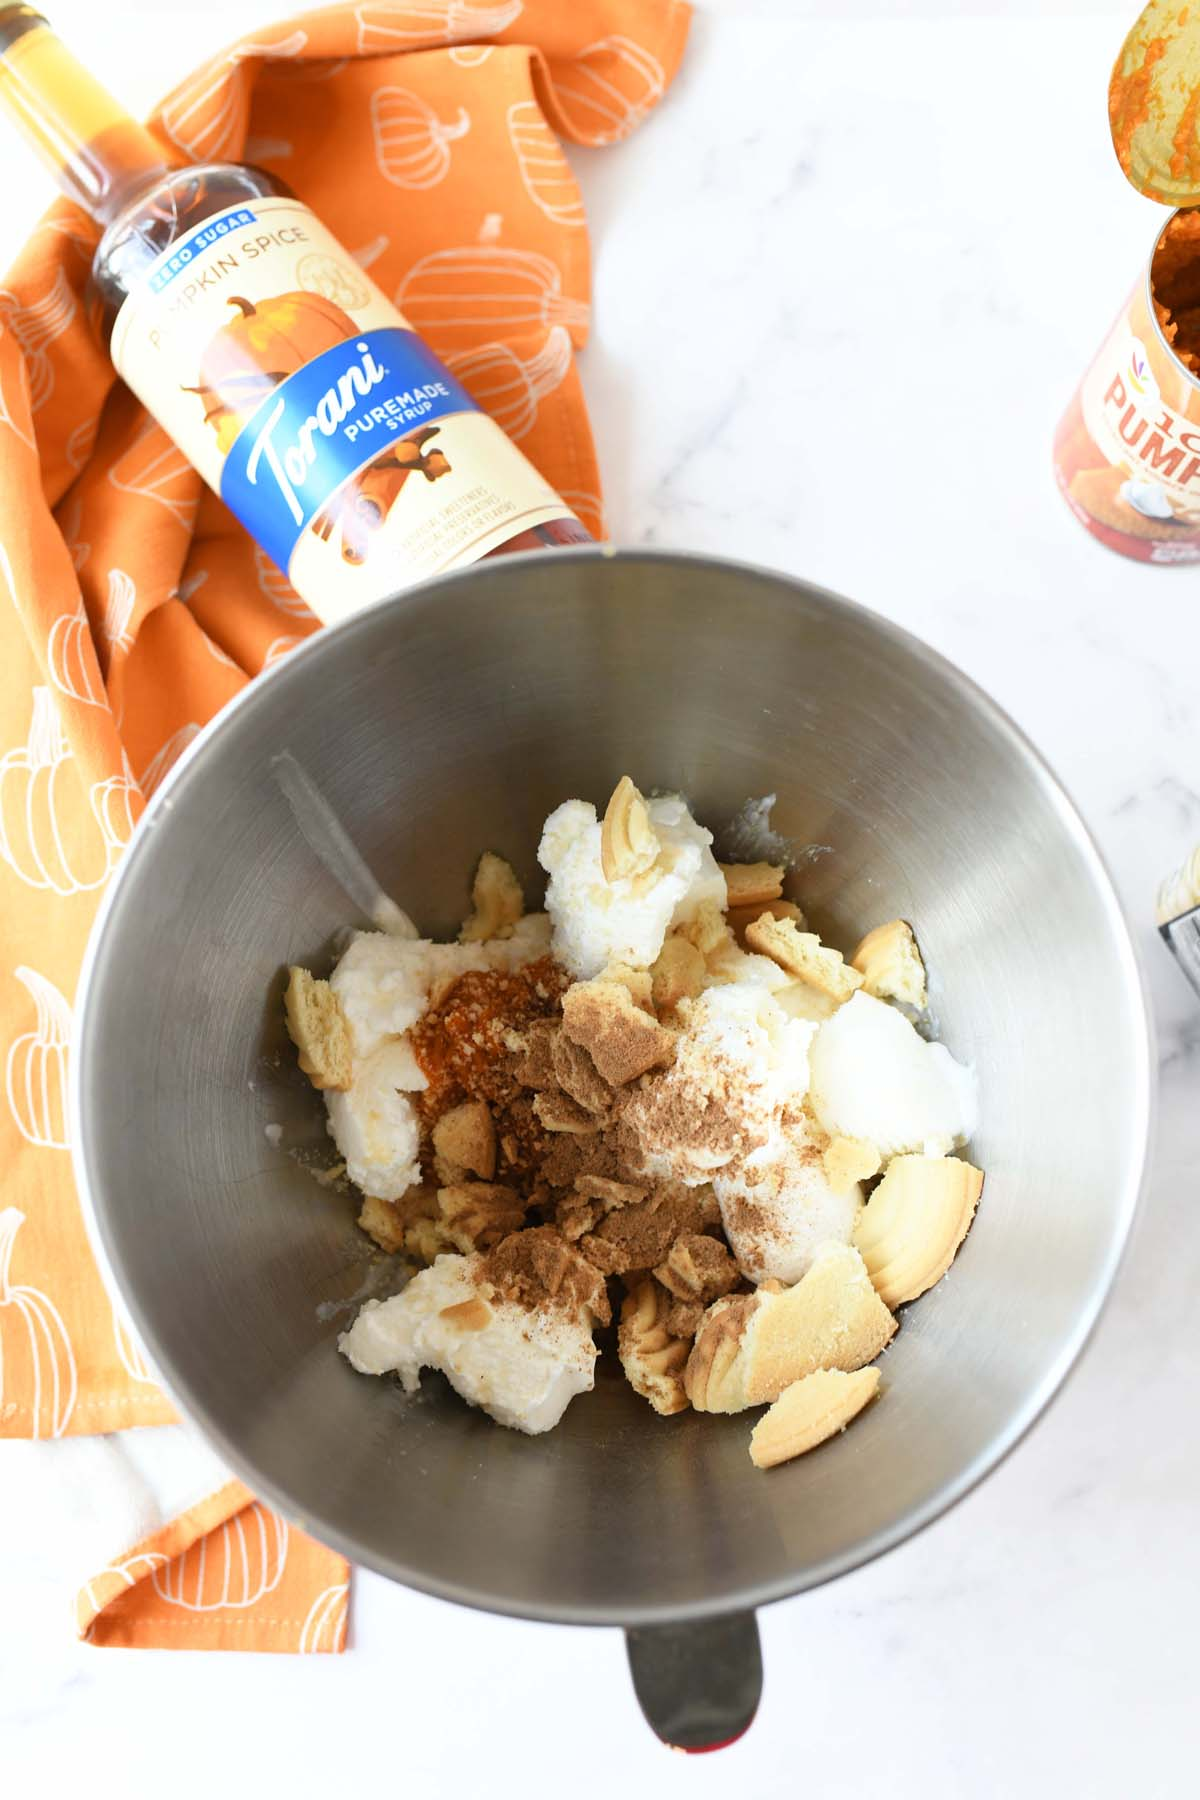 DIY pumpkin milkshake ingredients in a stainless steel kitchenaid bowl.